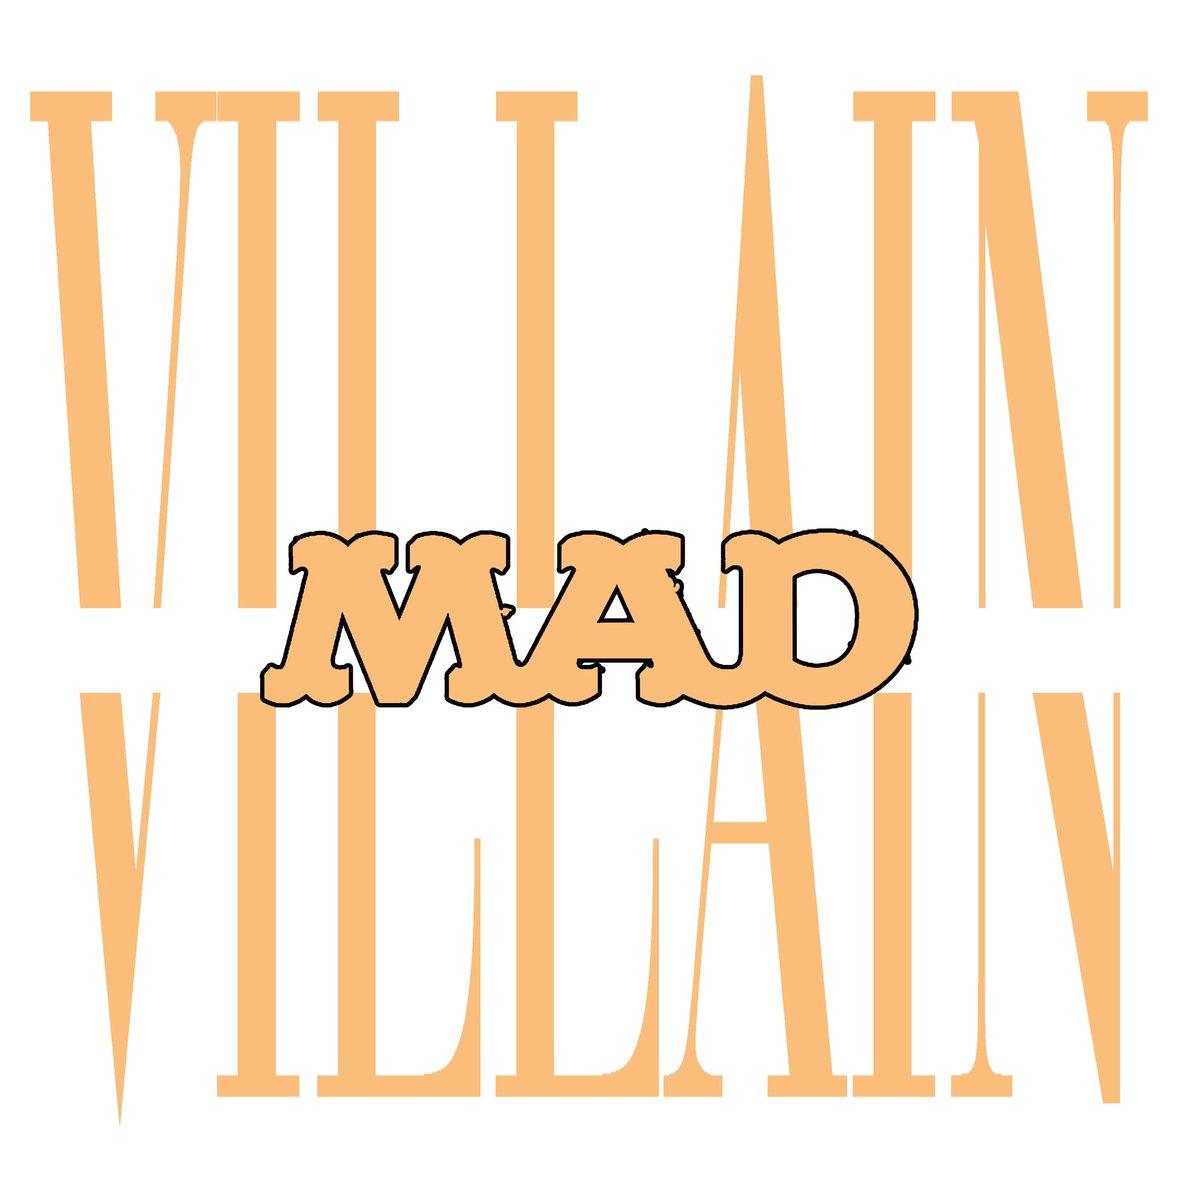 First. #mfdoom #typography #snadesignspic.twitter.com/FMTJ3ljGxf